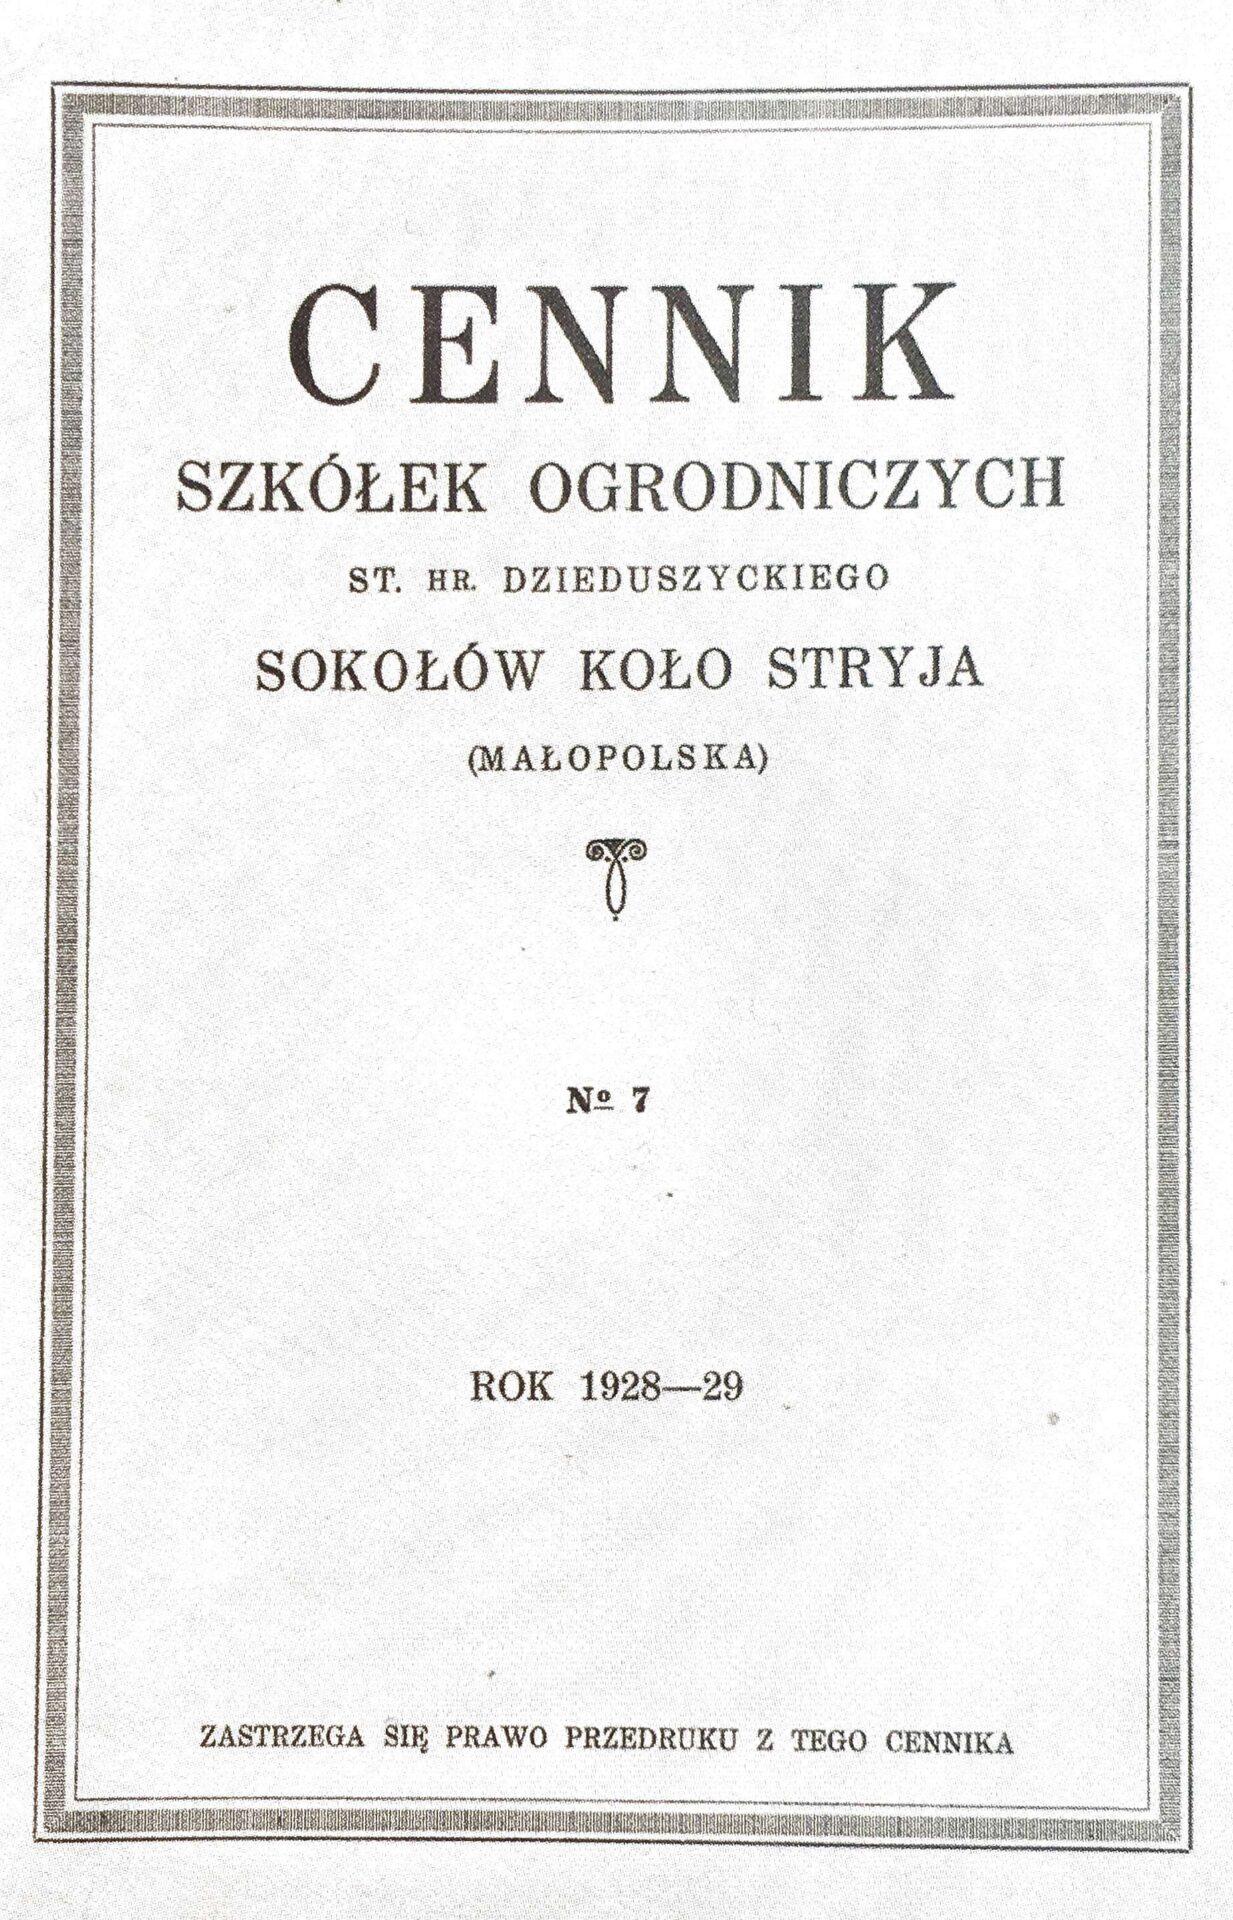 Cennik szkółek ogrodniczych Stanisława Dzieduszyckiego 1